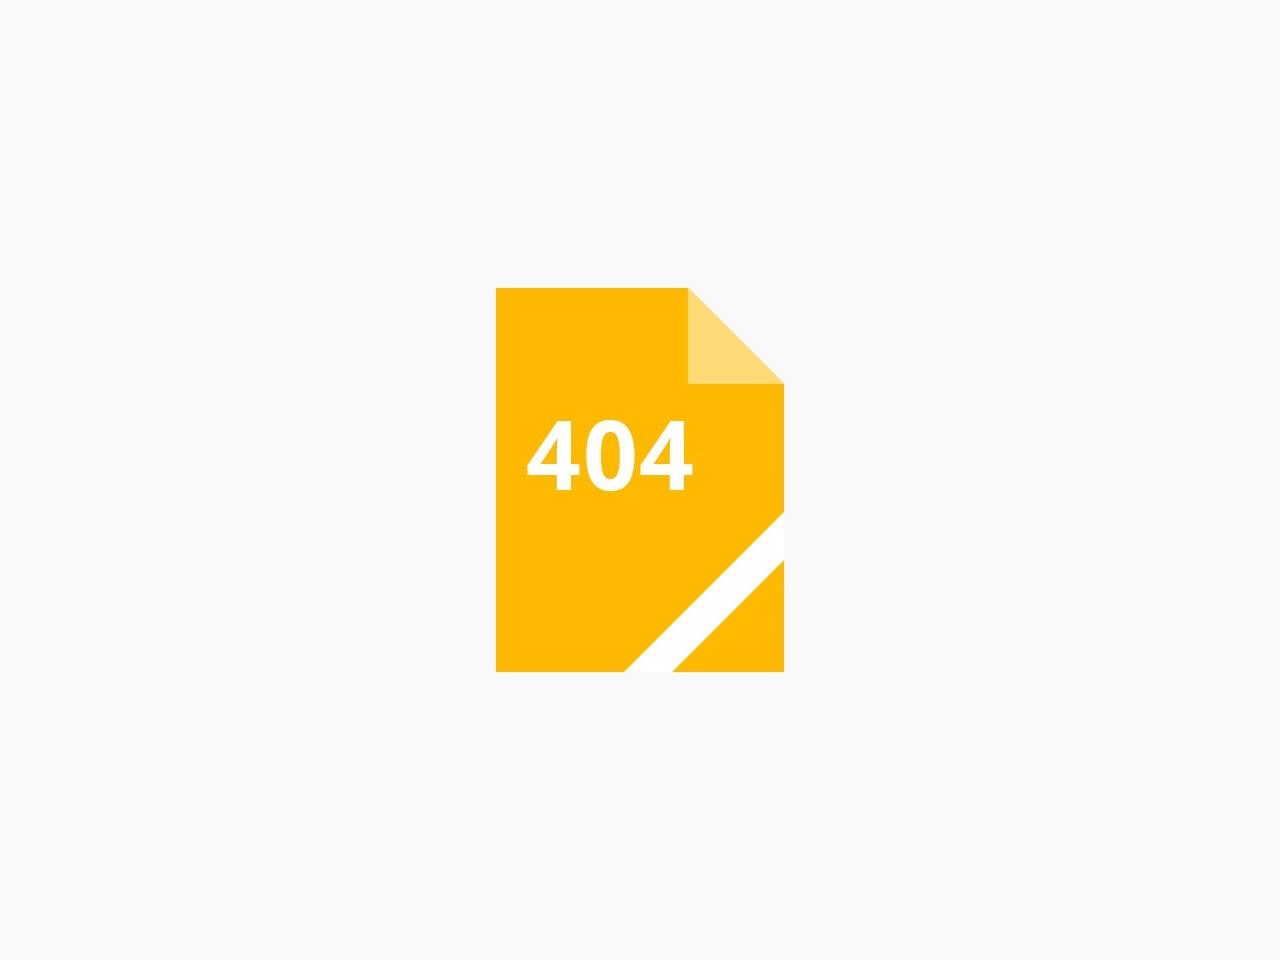 爱卡汽车_汽车资讯网站_您若网_drive.xcar.com.cn